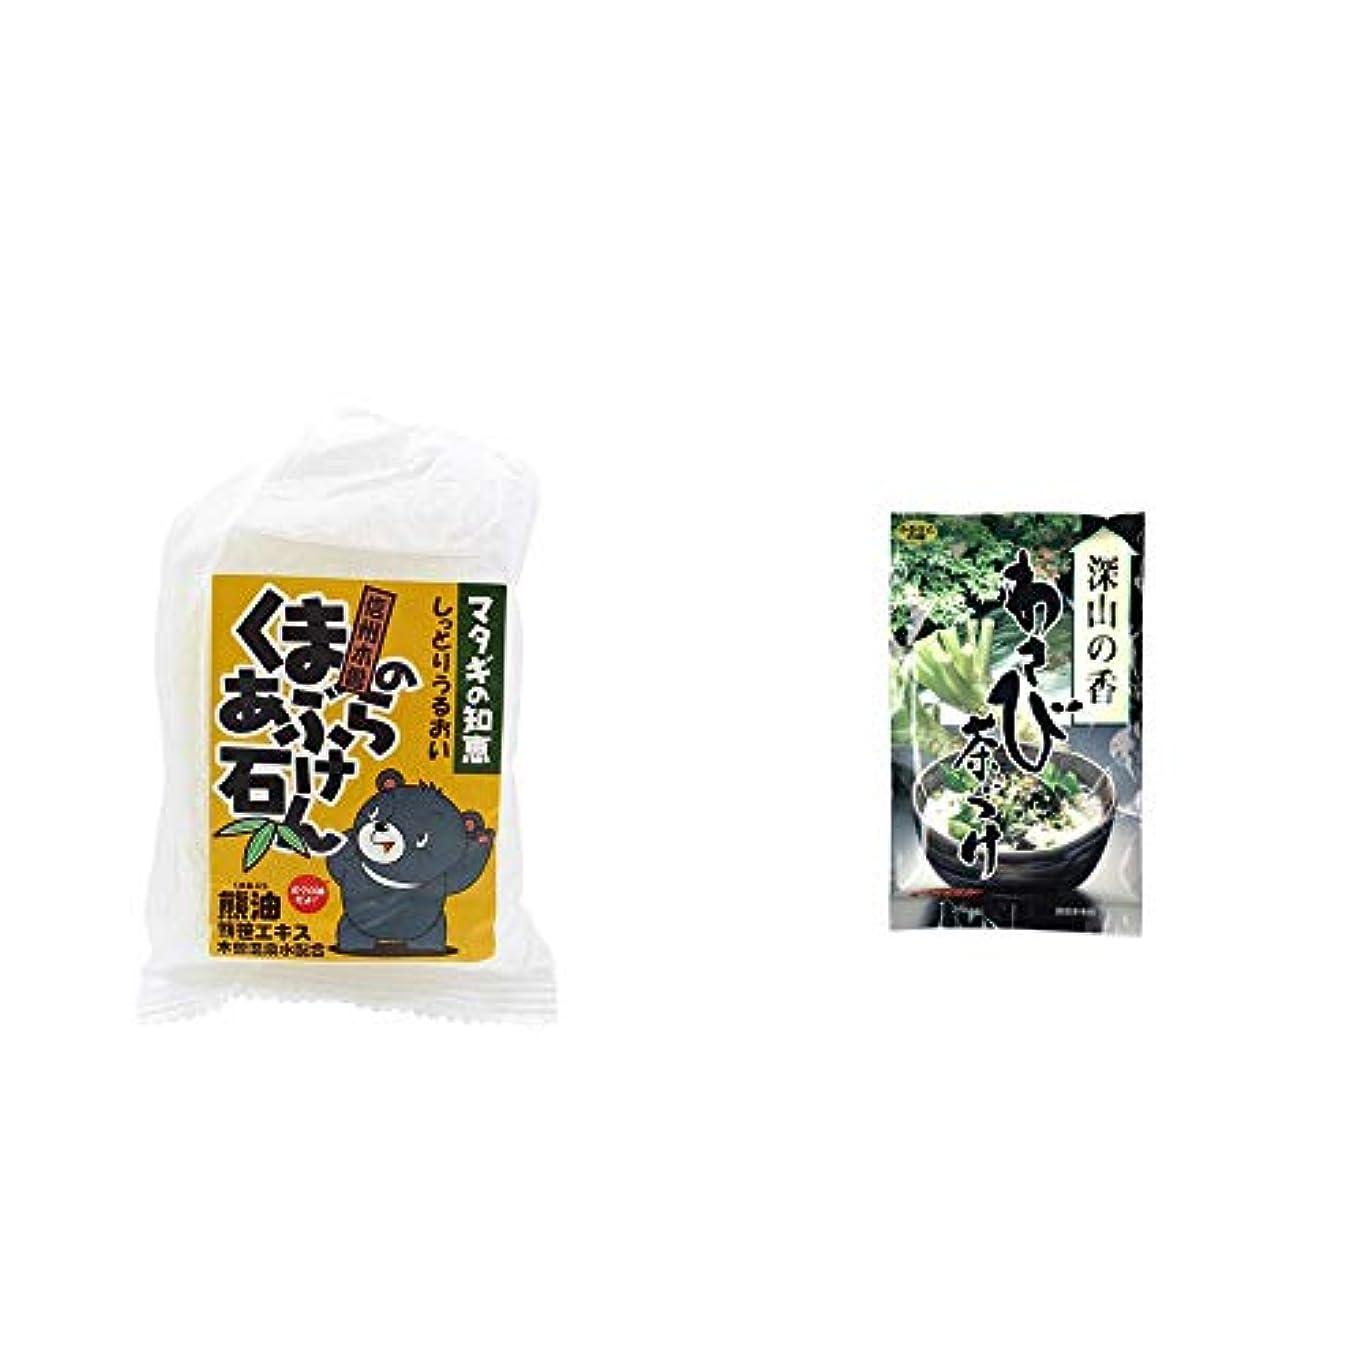 [2点セット] 信州木曽 くまのあぶら石けん(80g)?特選茶漬け 深山の香 わさび茶づけ(10袋入)